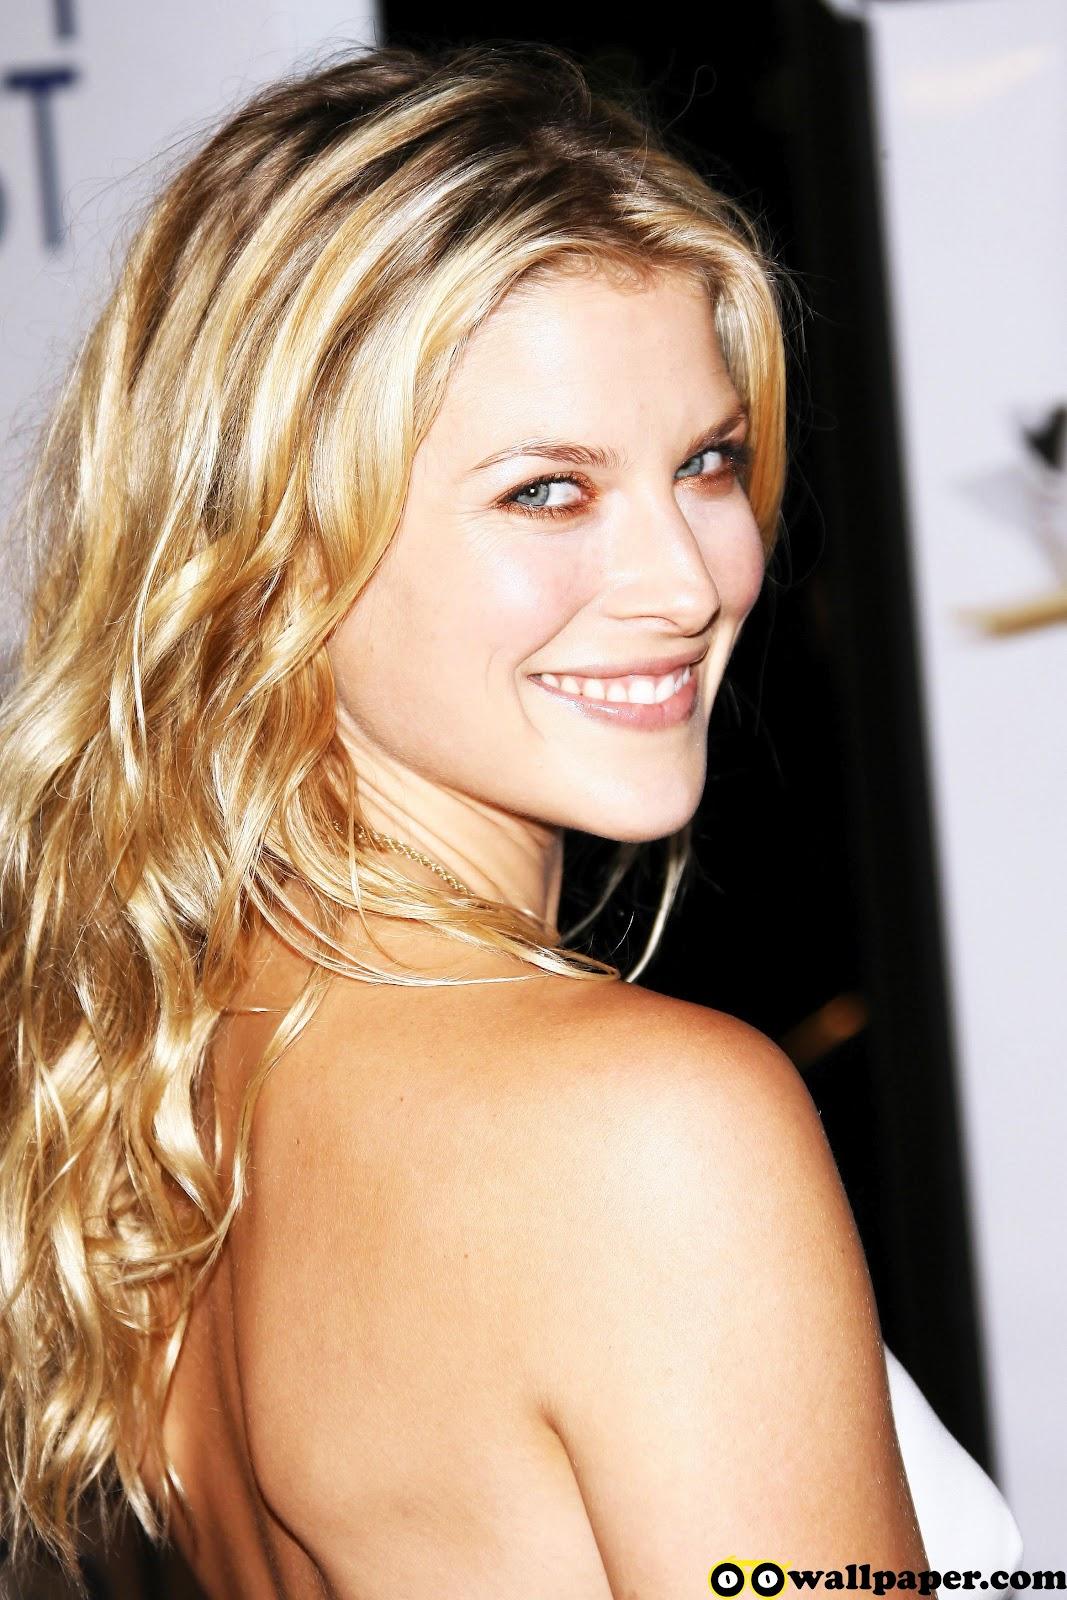 http://4.bp.blogspot.com/-_saNqTA4GFM/T1YSJKWRC2I/AAAAAAAAE-s/e_MCmiRQnw0/s1600/oo_ali_larter_white_sexy_back_smile.jpg